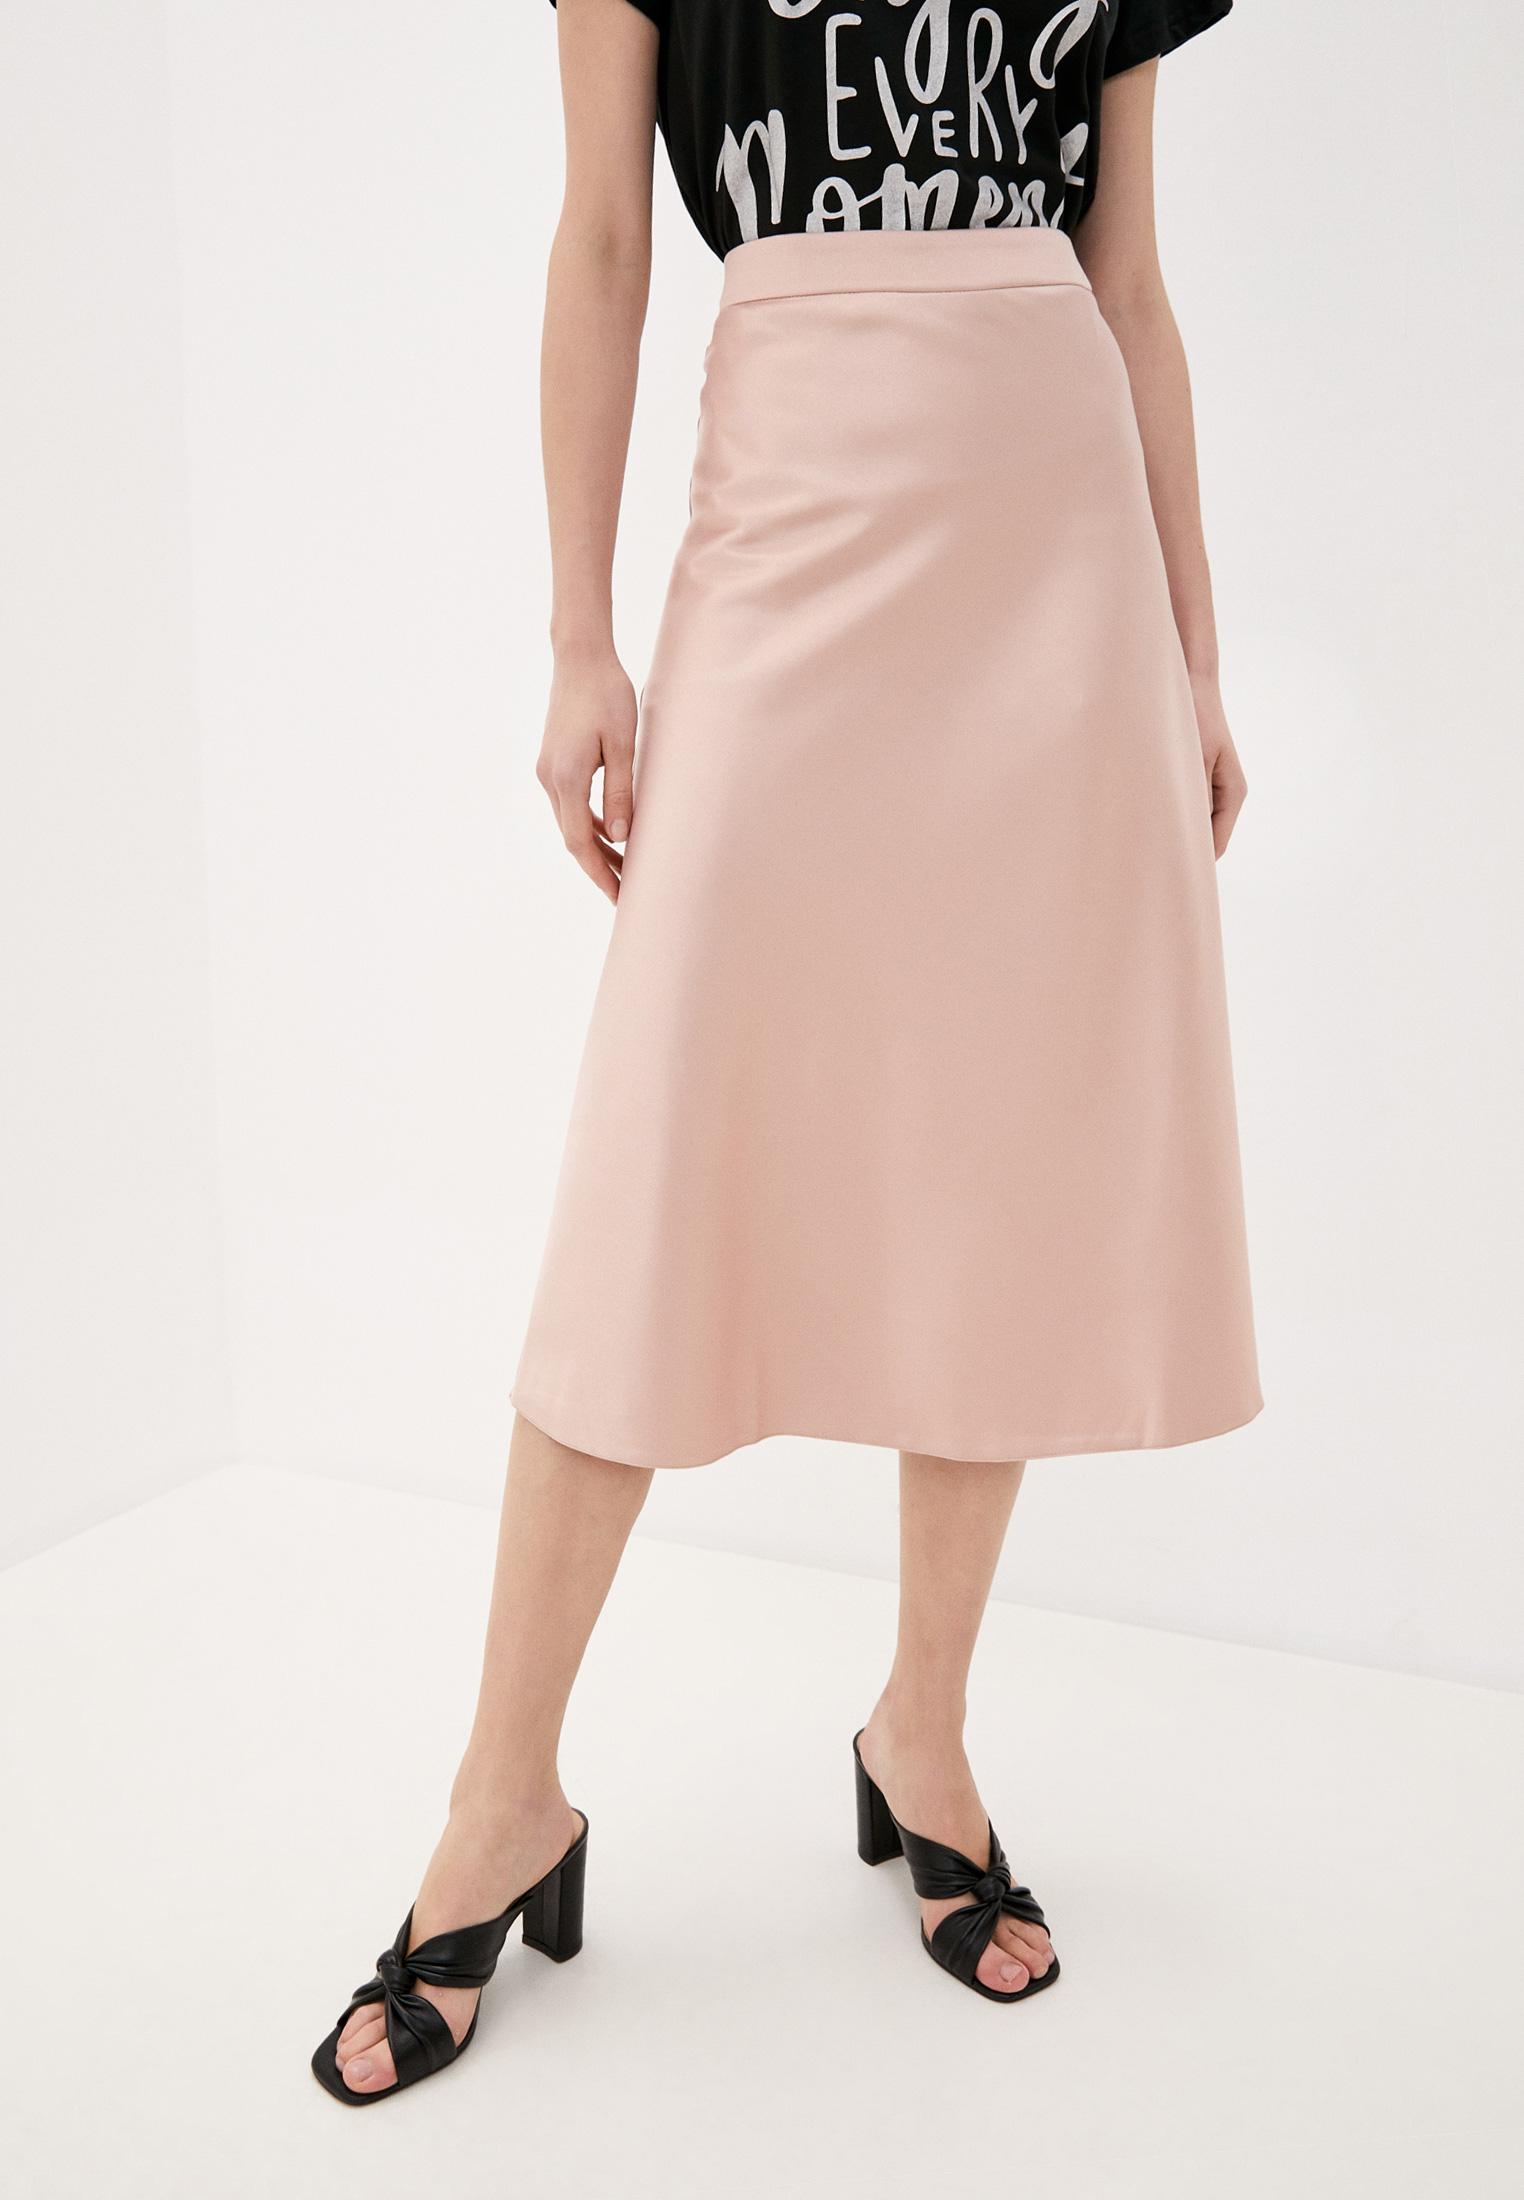 Широкая юбка Imocean (Имоушен) VL20-20196-032